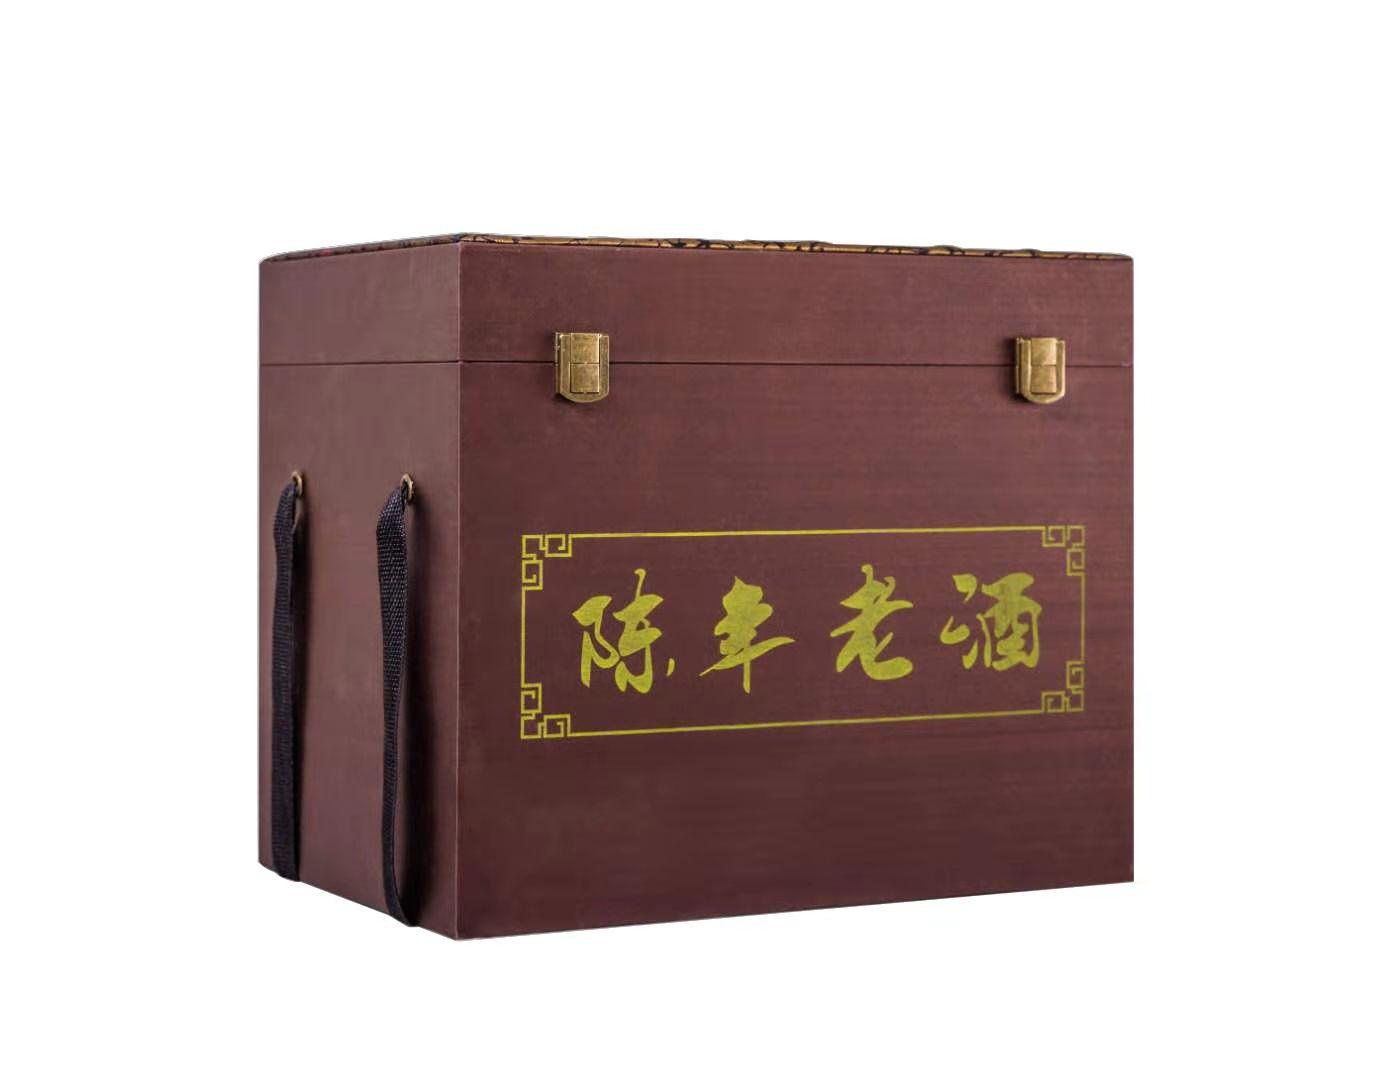 陈年老酒锦盒咖啡色(6瓶装)